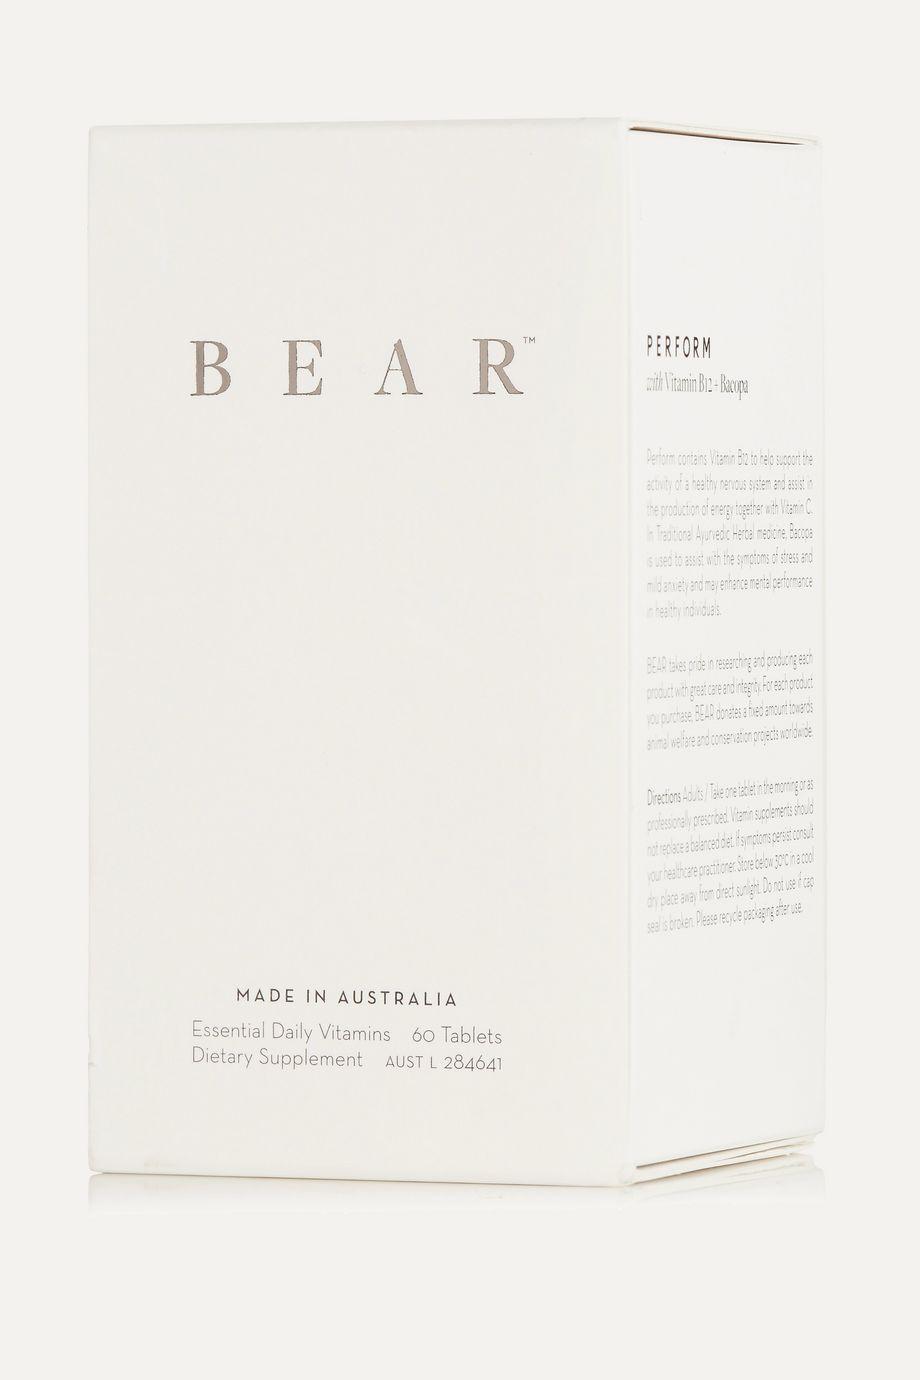 BEAR Perform Supplement